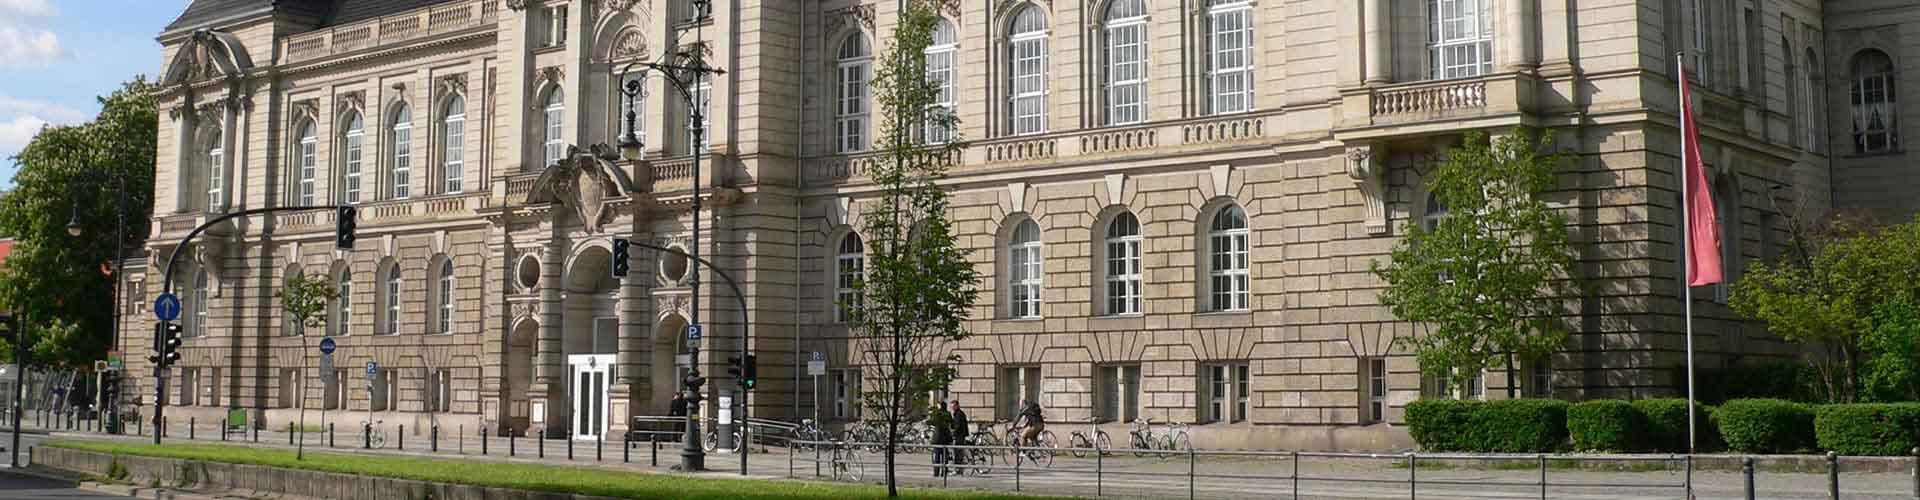 柏林 – Berzik Charlottenburg区的公寓。柏林地图,柏林每间公寓的照片和评价。